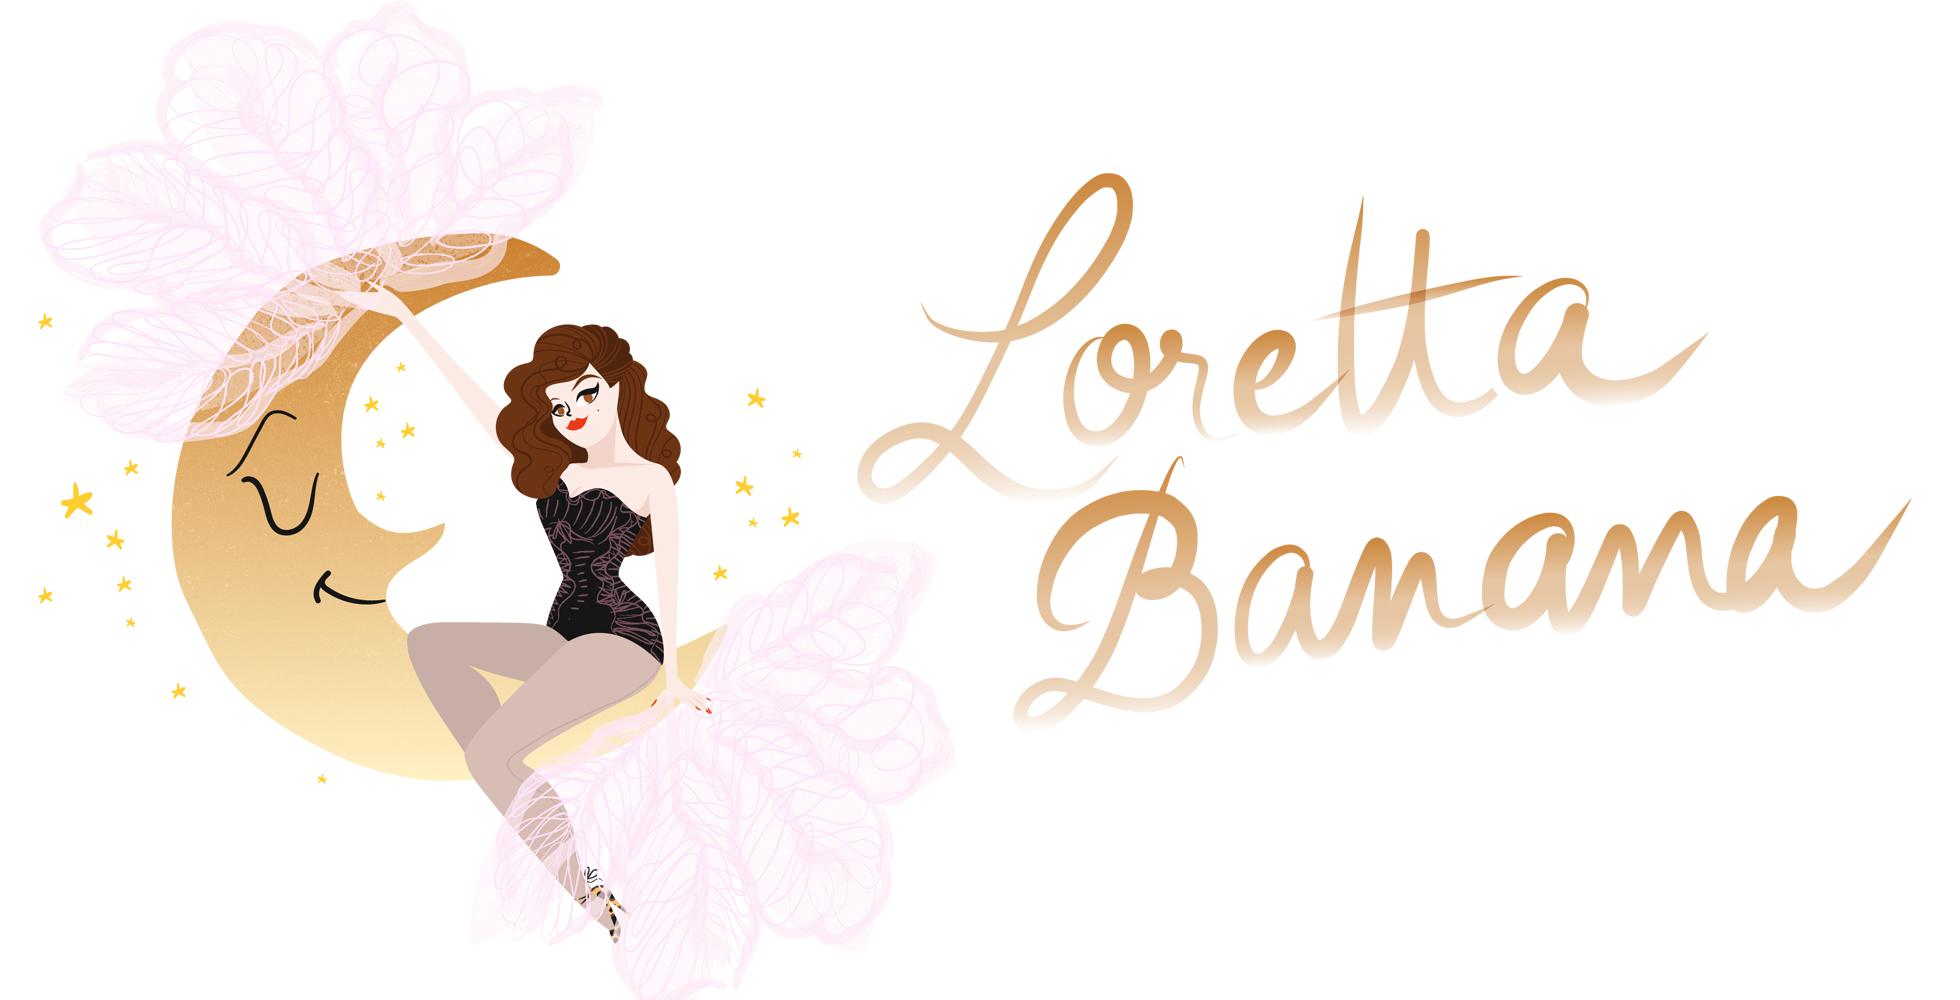 Loretta Banana